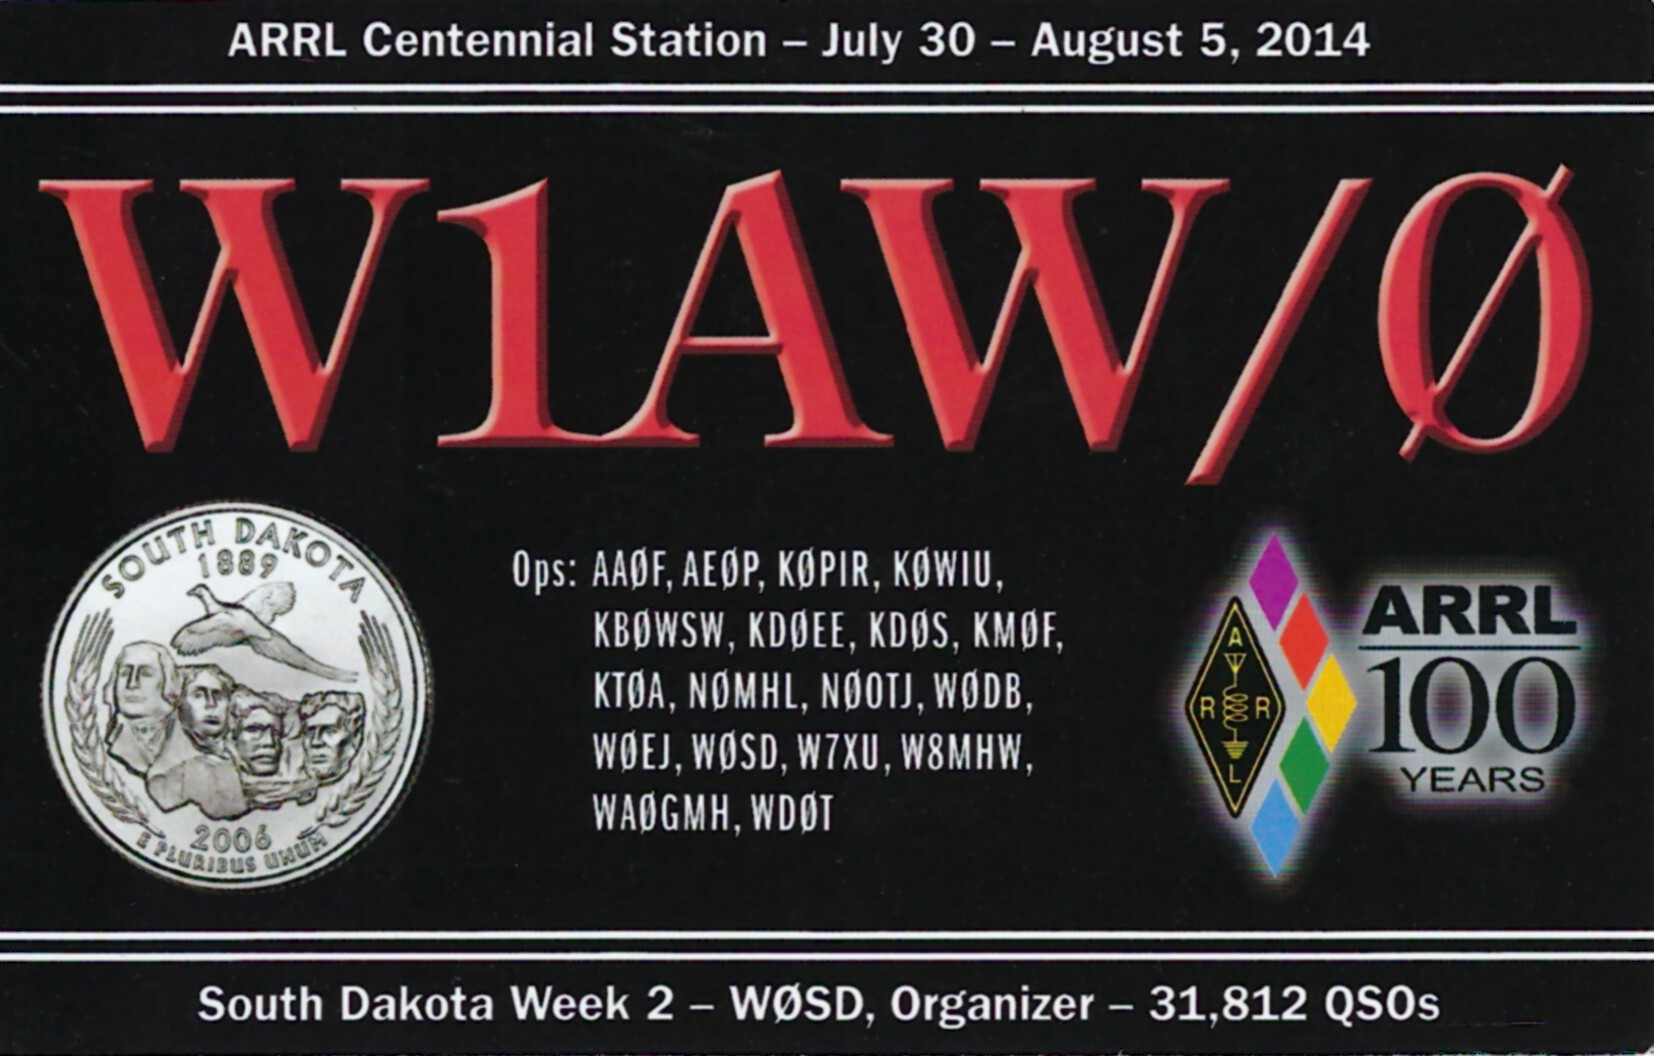 W1AW-0 SD2